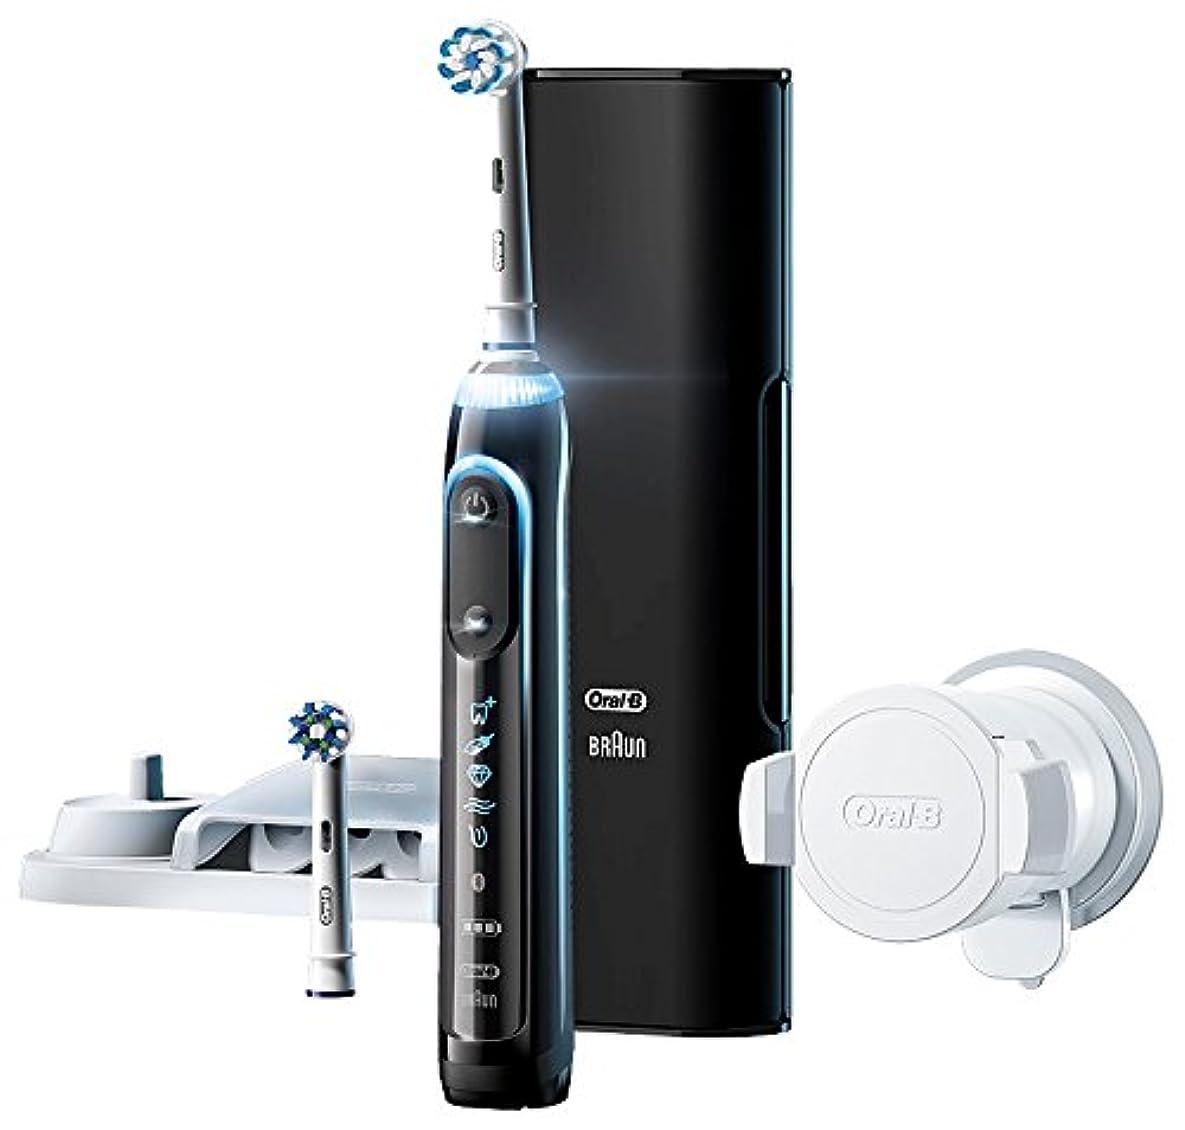 ベンチャー狂人アサーブラウン オーラルB 電動歯ブラシ ジーニアス9000 ブラック D7015256XCTBK